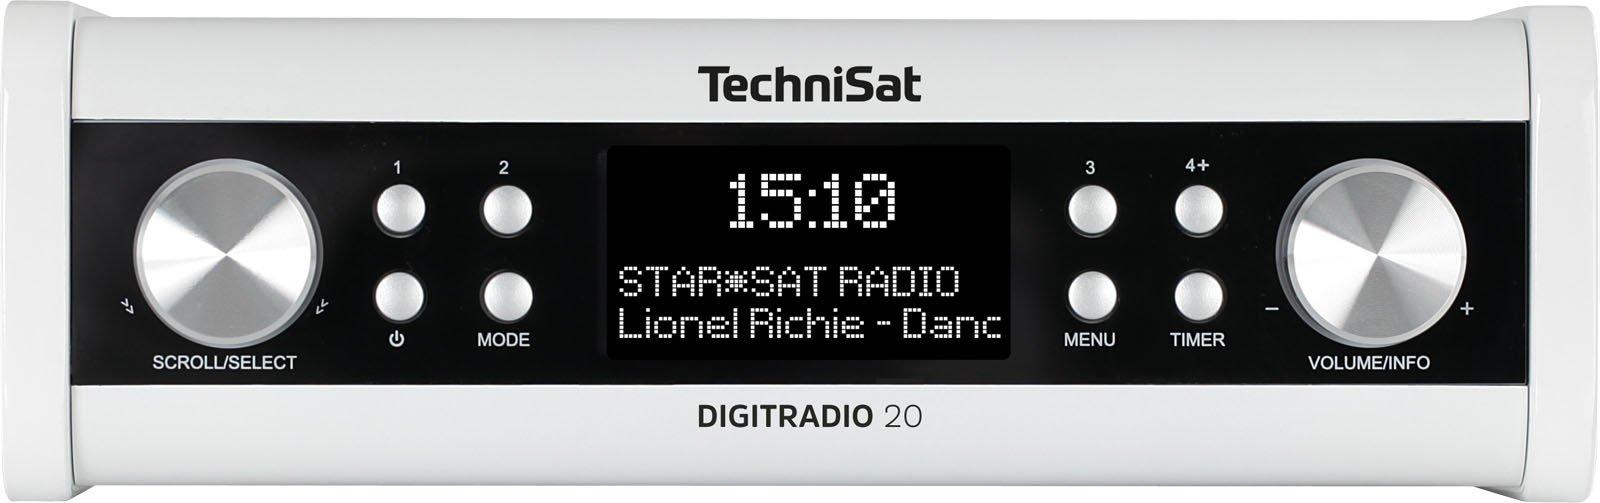 TechniSat Digitradio 20 Küchenradio (DAB+, Unterbau-Radio, Timer, Kopfhörerausgang, Aux-in) weiß product image